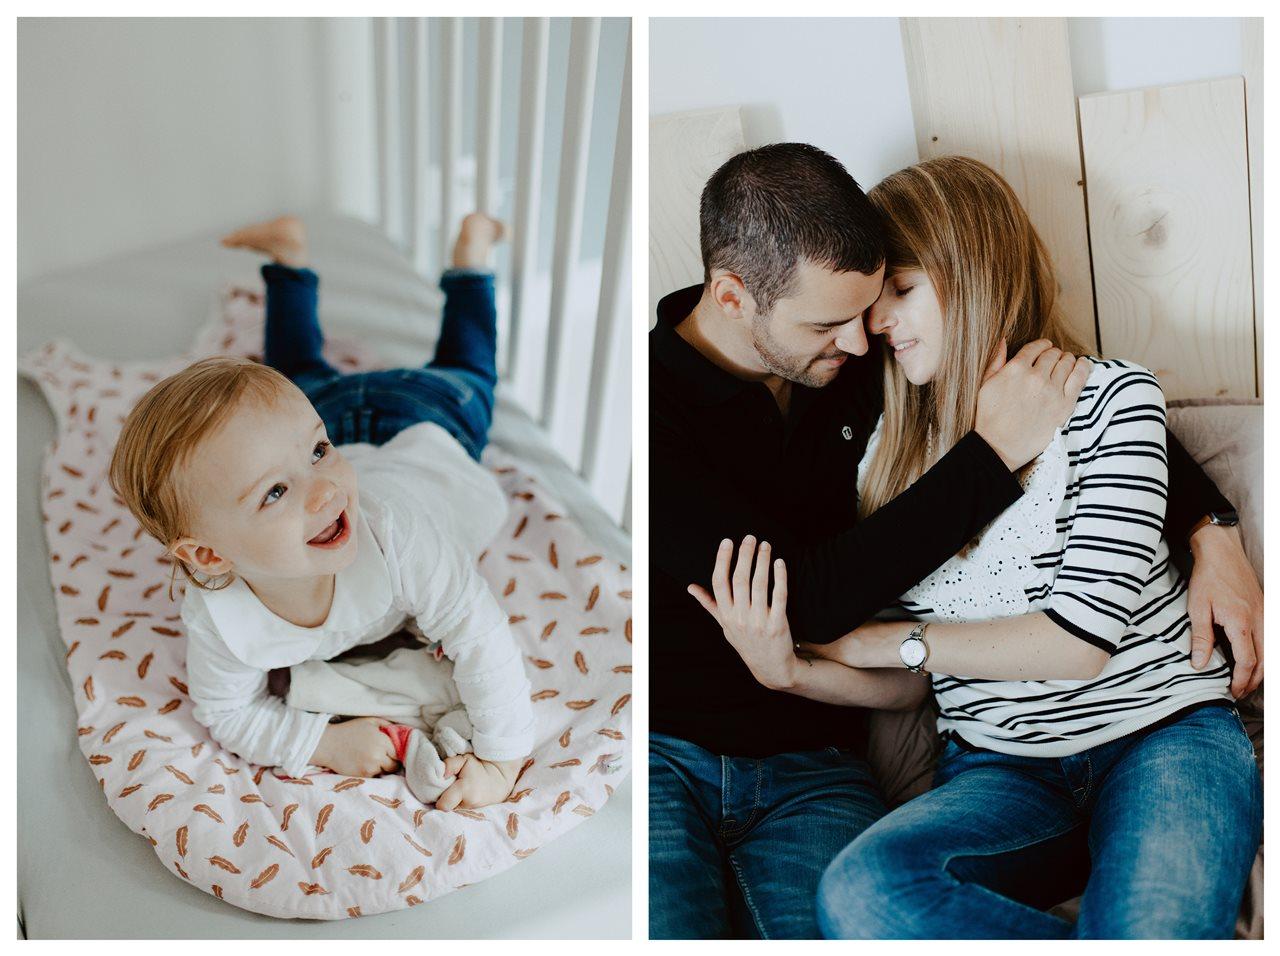 séance famille lifestyle maison calin parents enfant lit